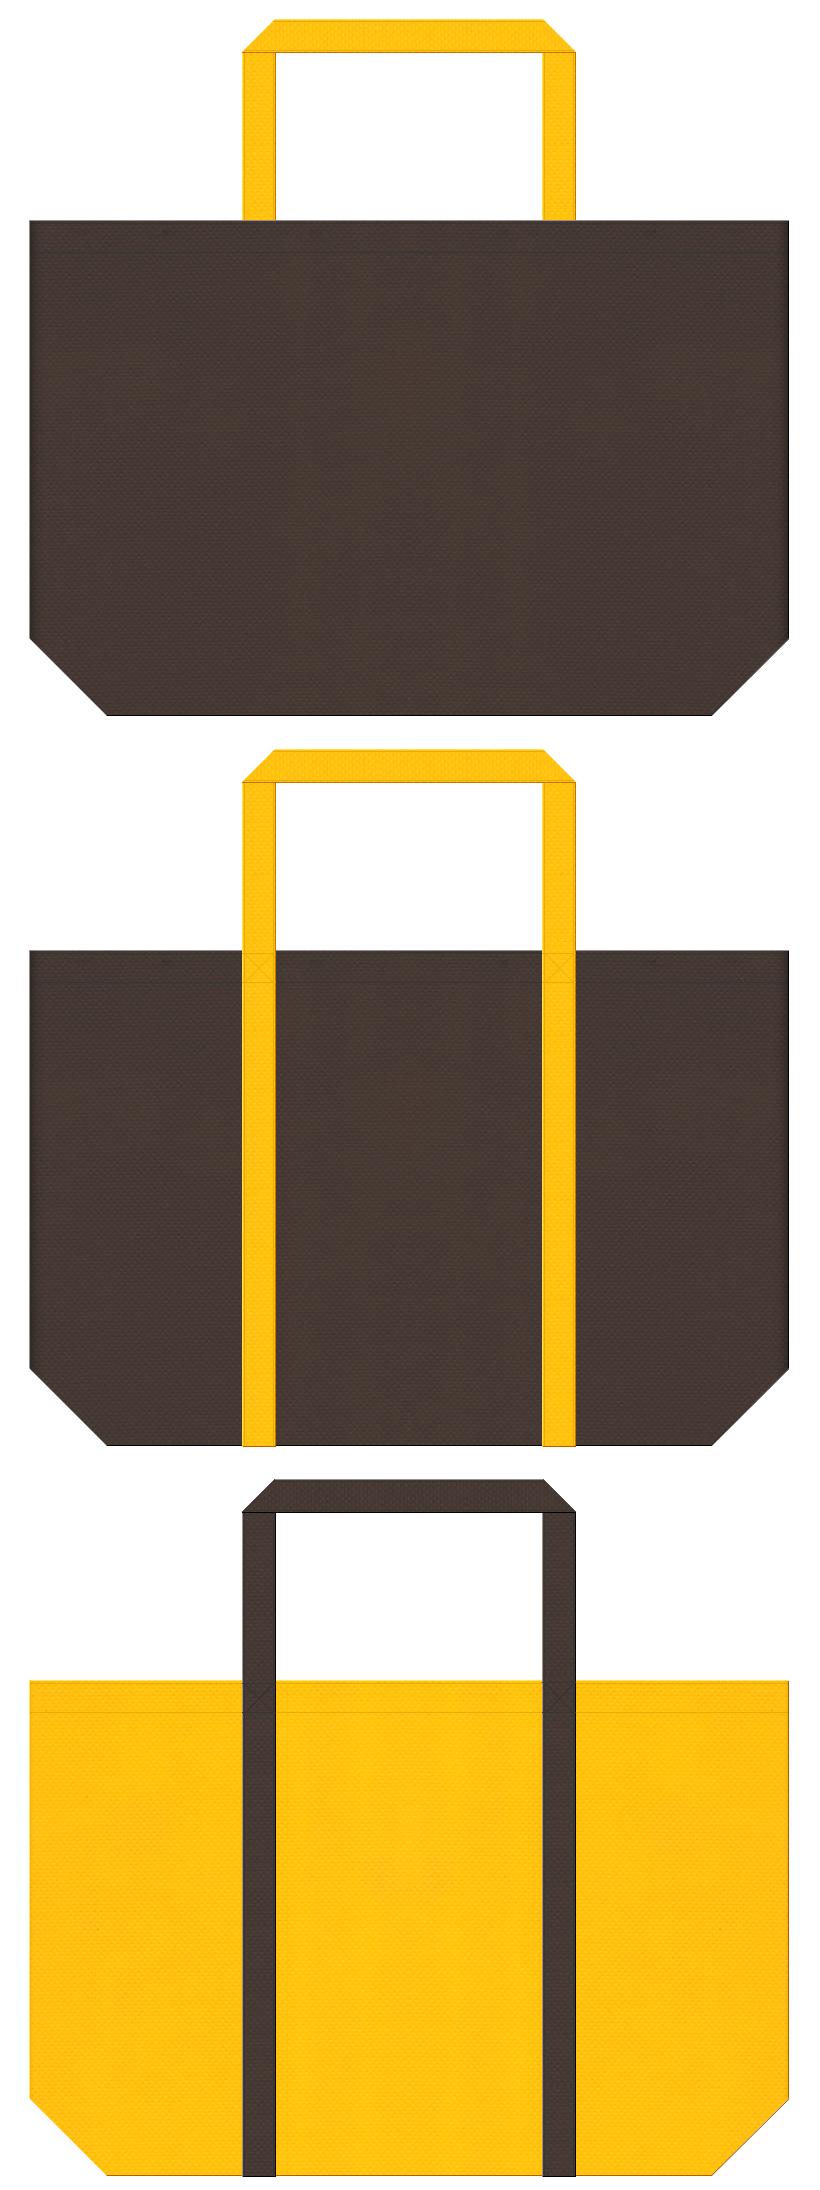 こげ茶色と黄色の不織布ショッピングバッグデザイン。ひまわり・はちみつのイメージにお奨めの配色です。